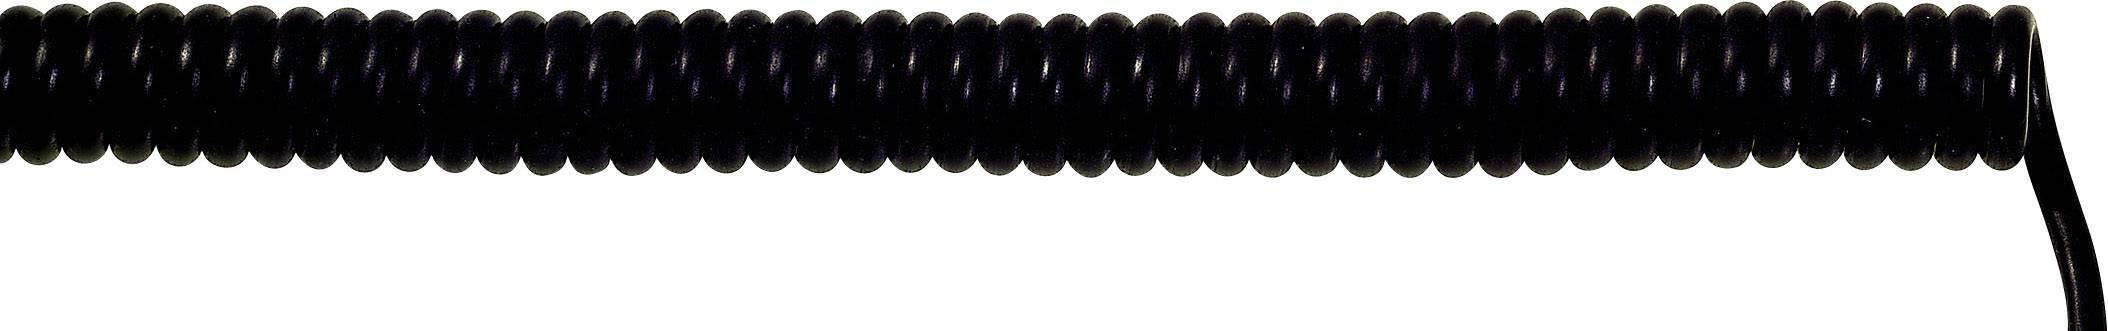 Špirálový kábel 73220212 UNITRONIC® SPIRAL 4 x 0.14 mm², 300 mm / 1200 mm, čierna